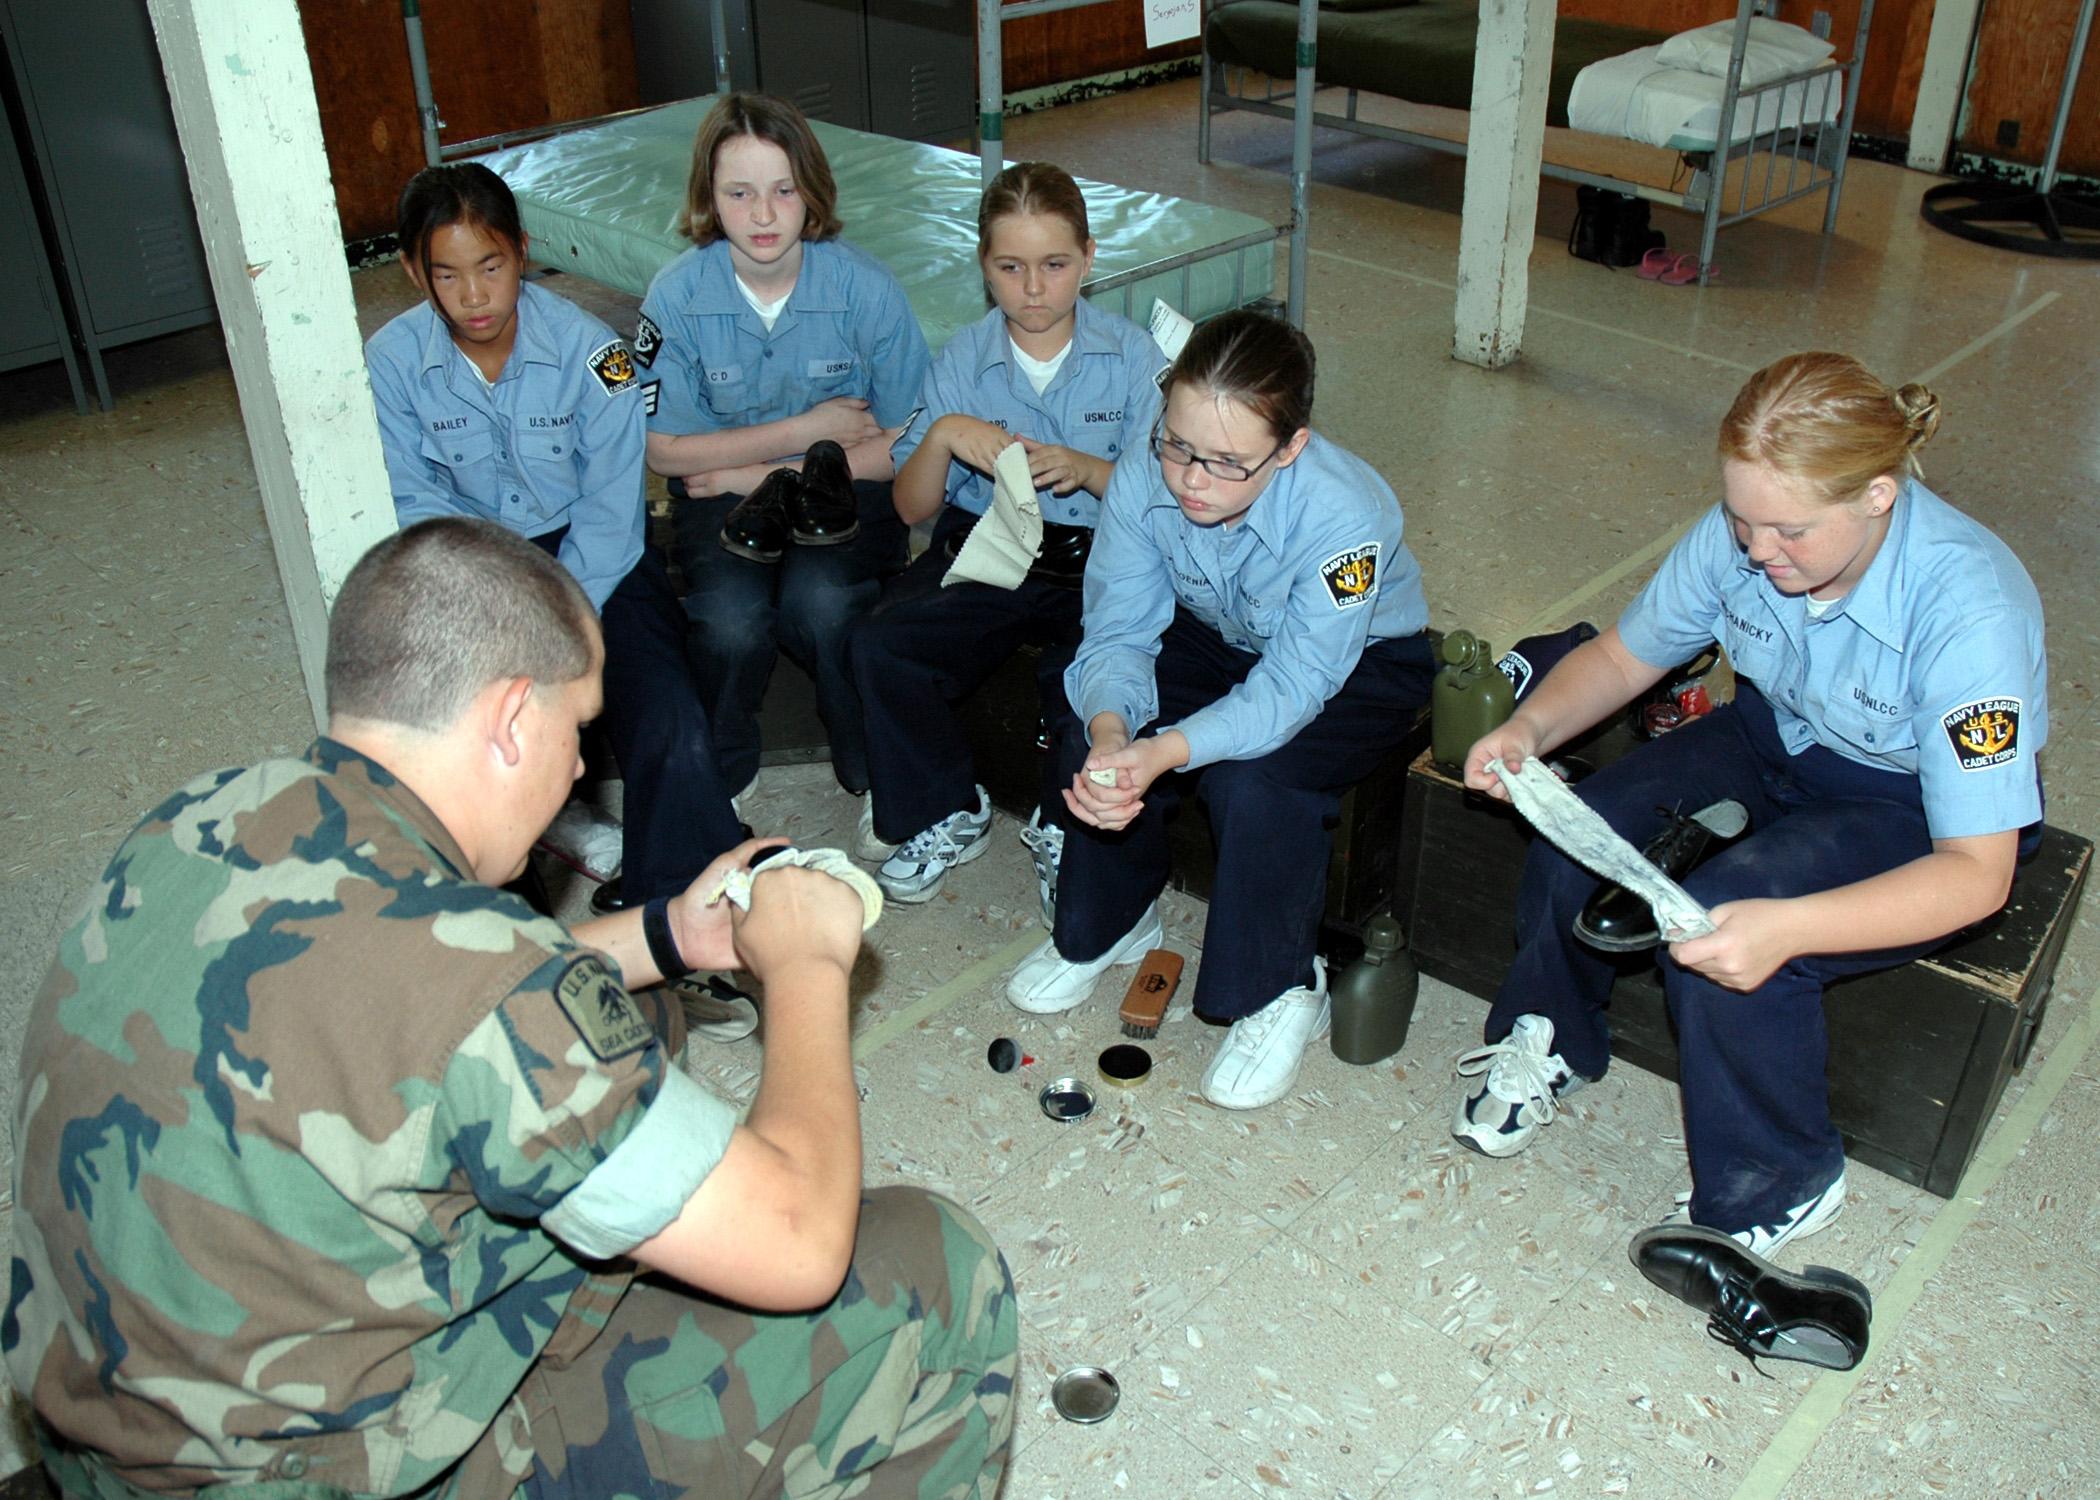 Navy basic training